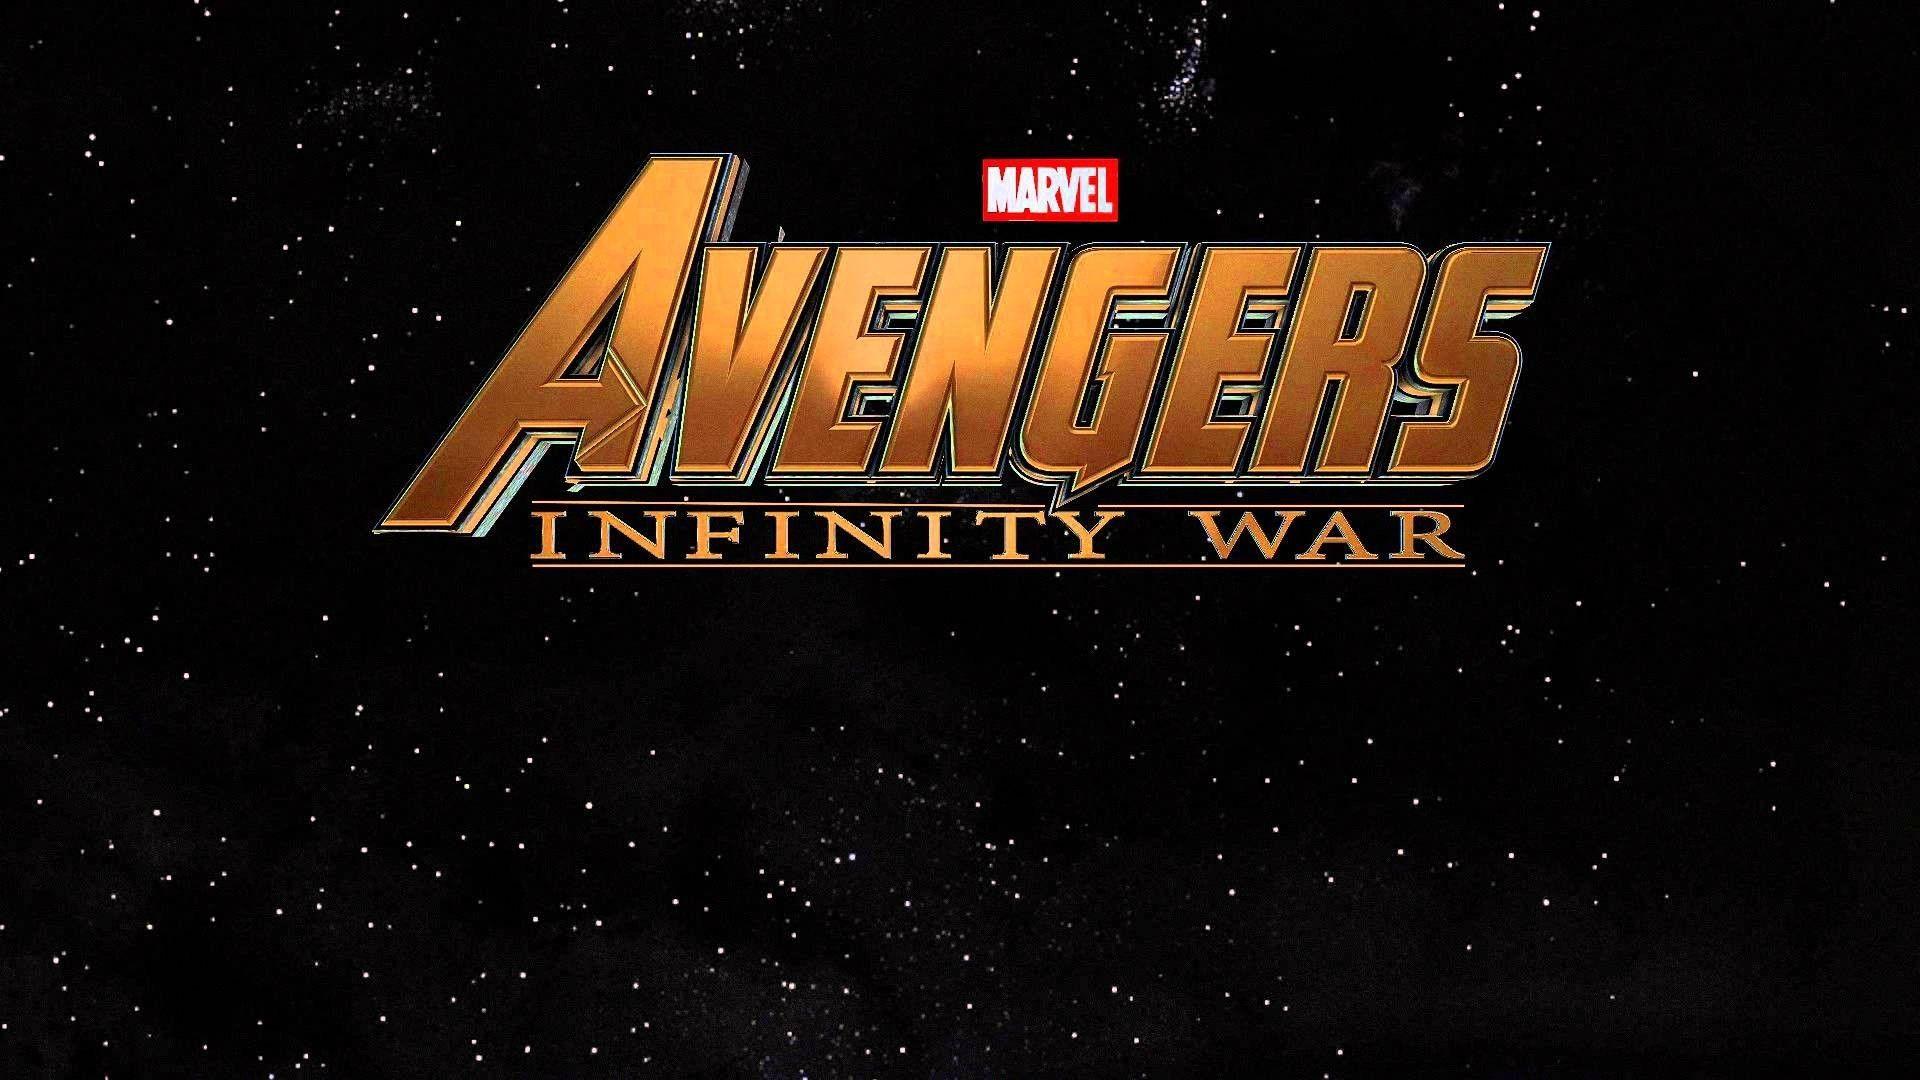 Great Scott Lang Infinity War Wallpaper - 9ace191fea5c598f68501d0602a9d1ca  Gallery_151237 .jpg